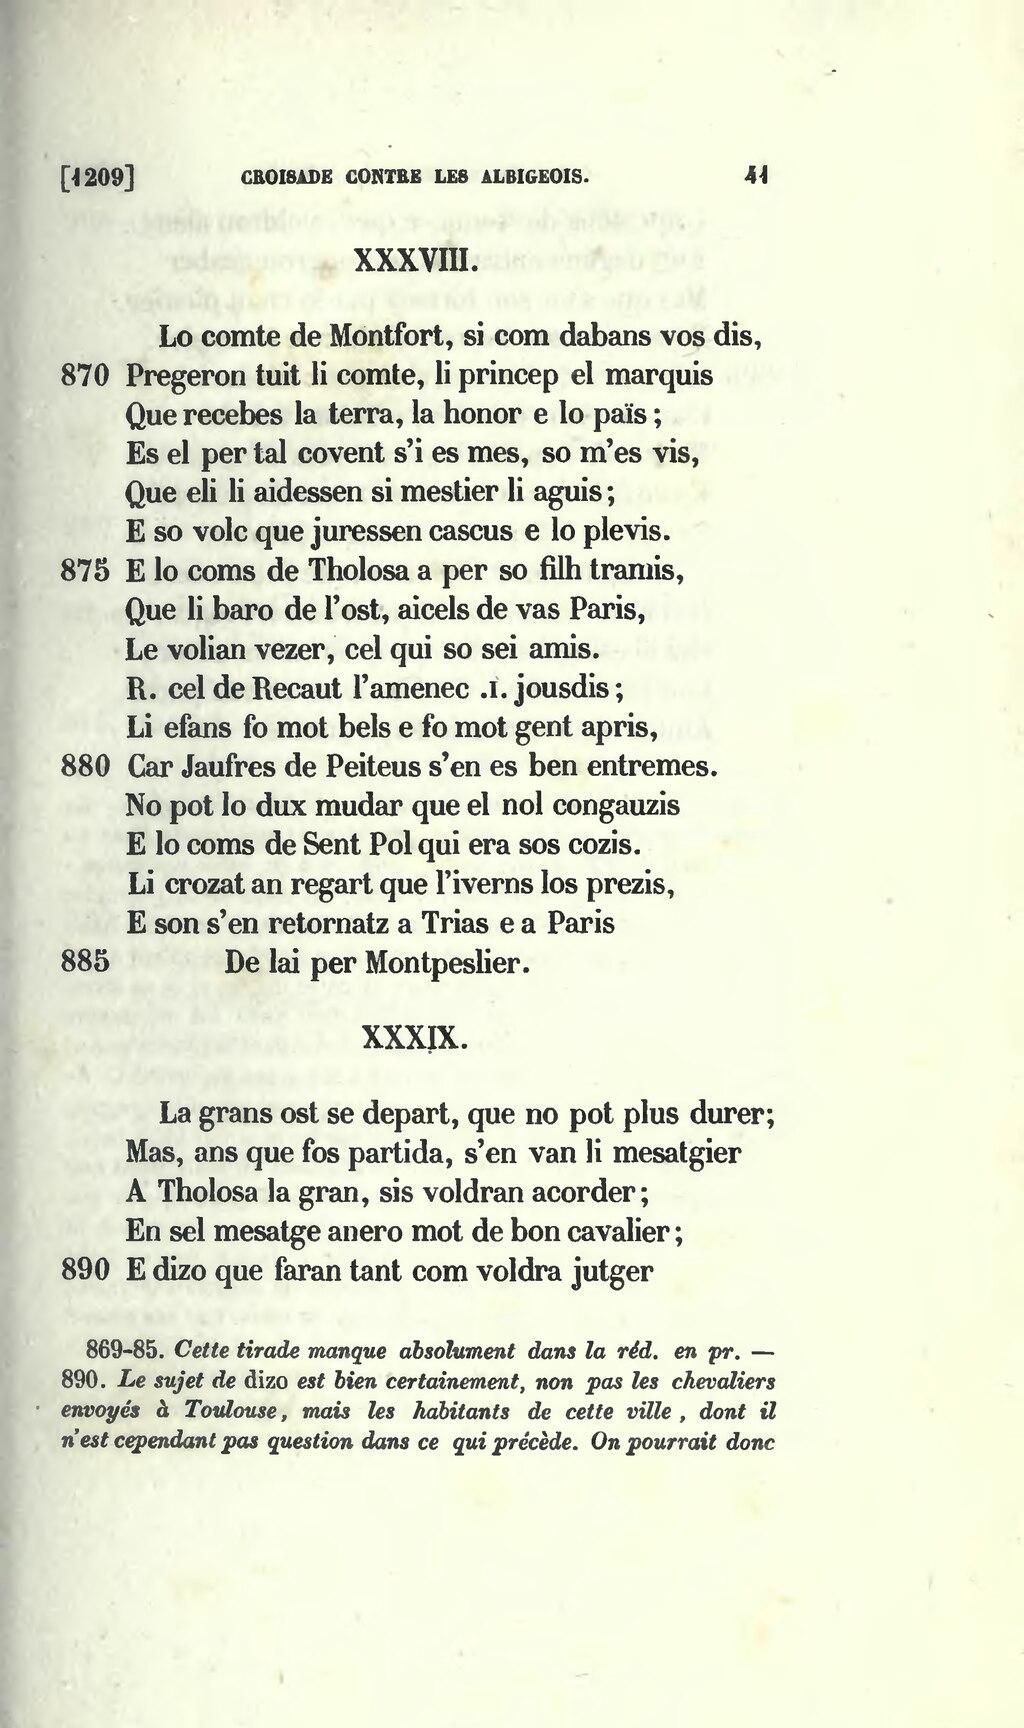 Pagela Chanson De La Croisade Contre Les Albigeois 1875